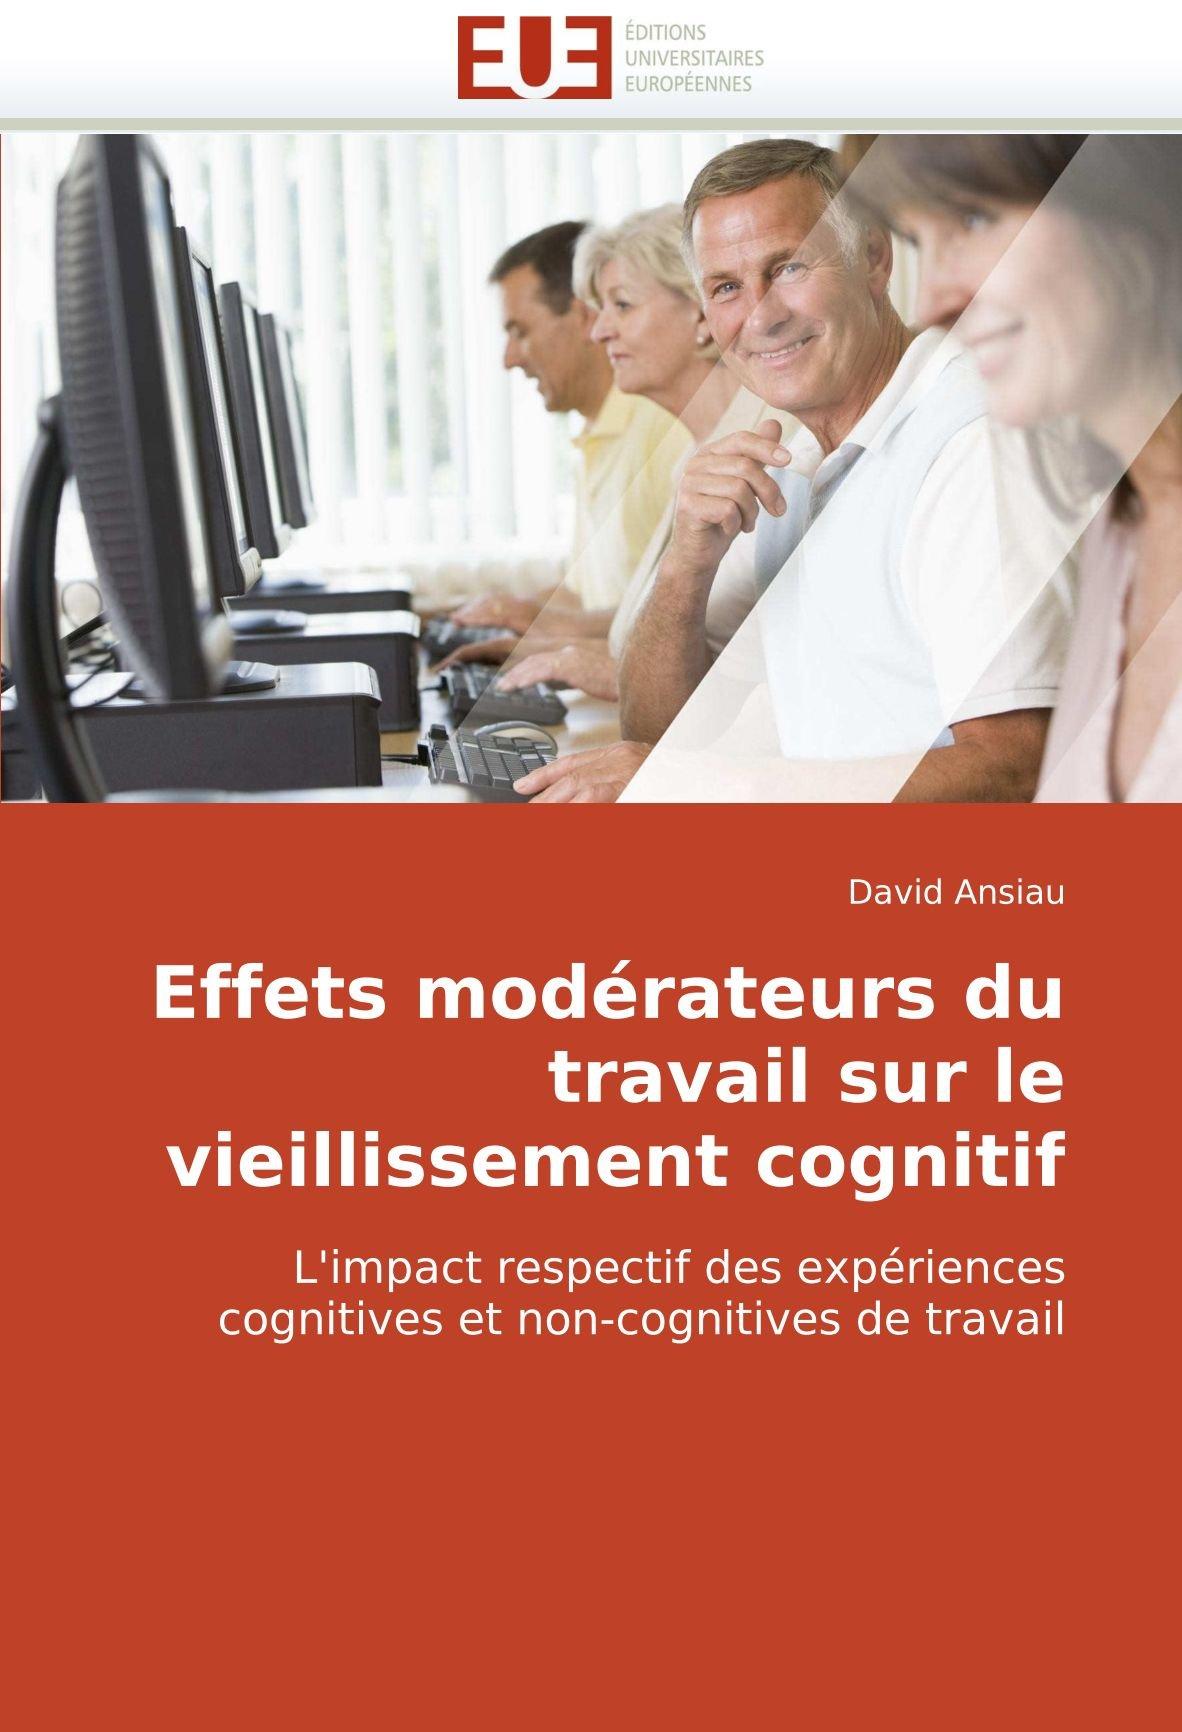 Effets modérateurs du travail sur le vieillissement cognitif: L'impact respectif des expériences cognitives et non-cognitives de travail (French Edition) pdf